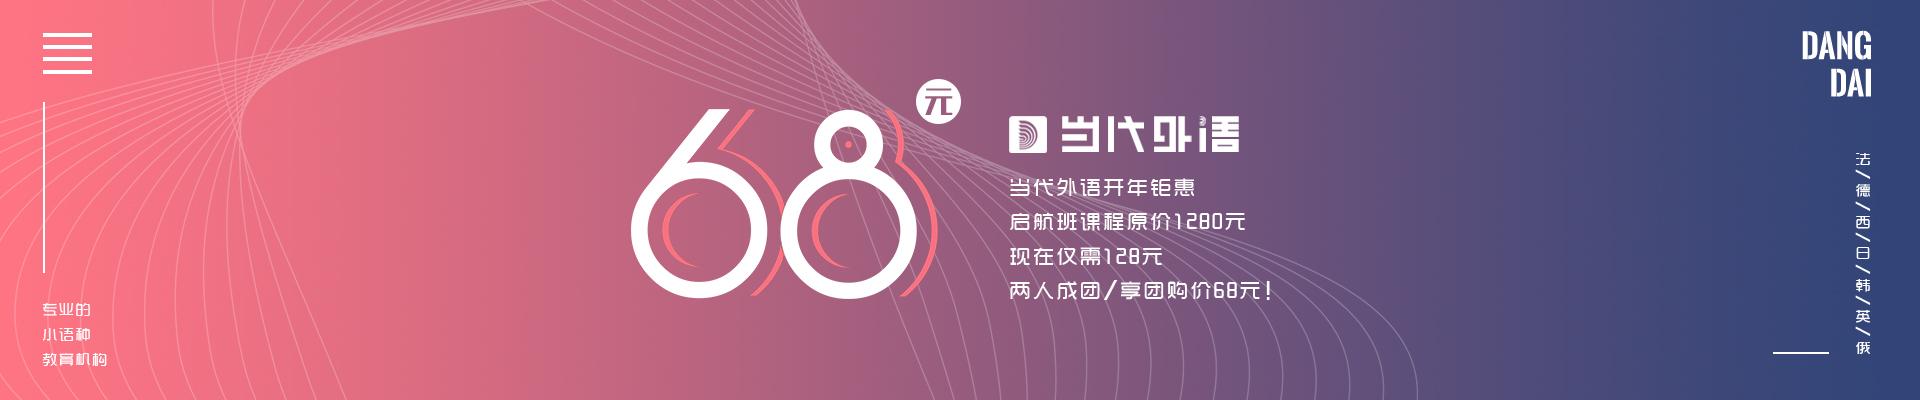 郑州当代外语培训学校